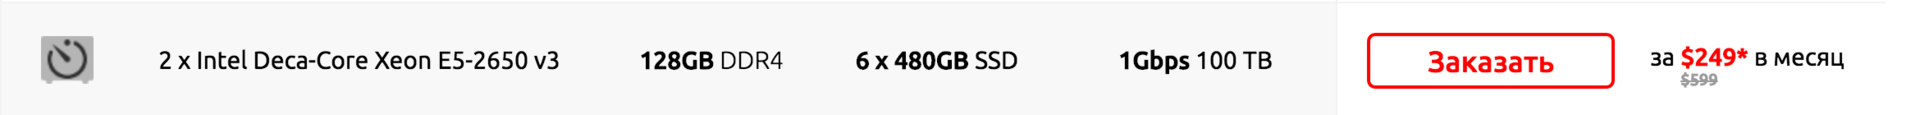 Серверы в Нидерландах в premium-ЦОДе становятся дешевле OVH, Hetzner при заключении контракта с ua-hosting.company - 6